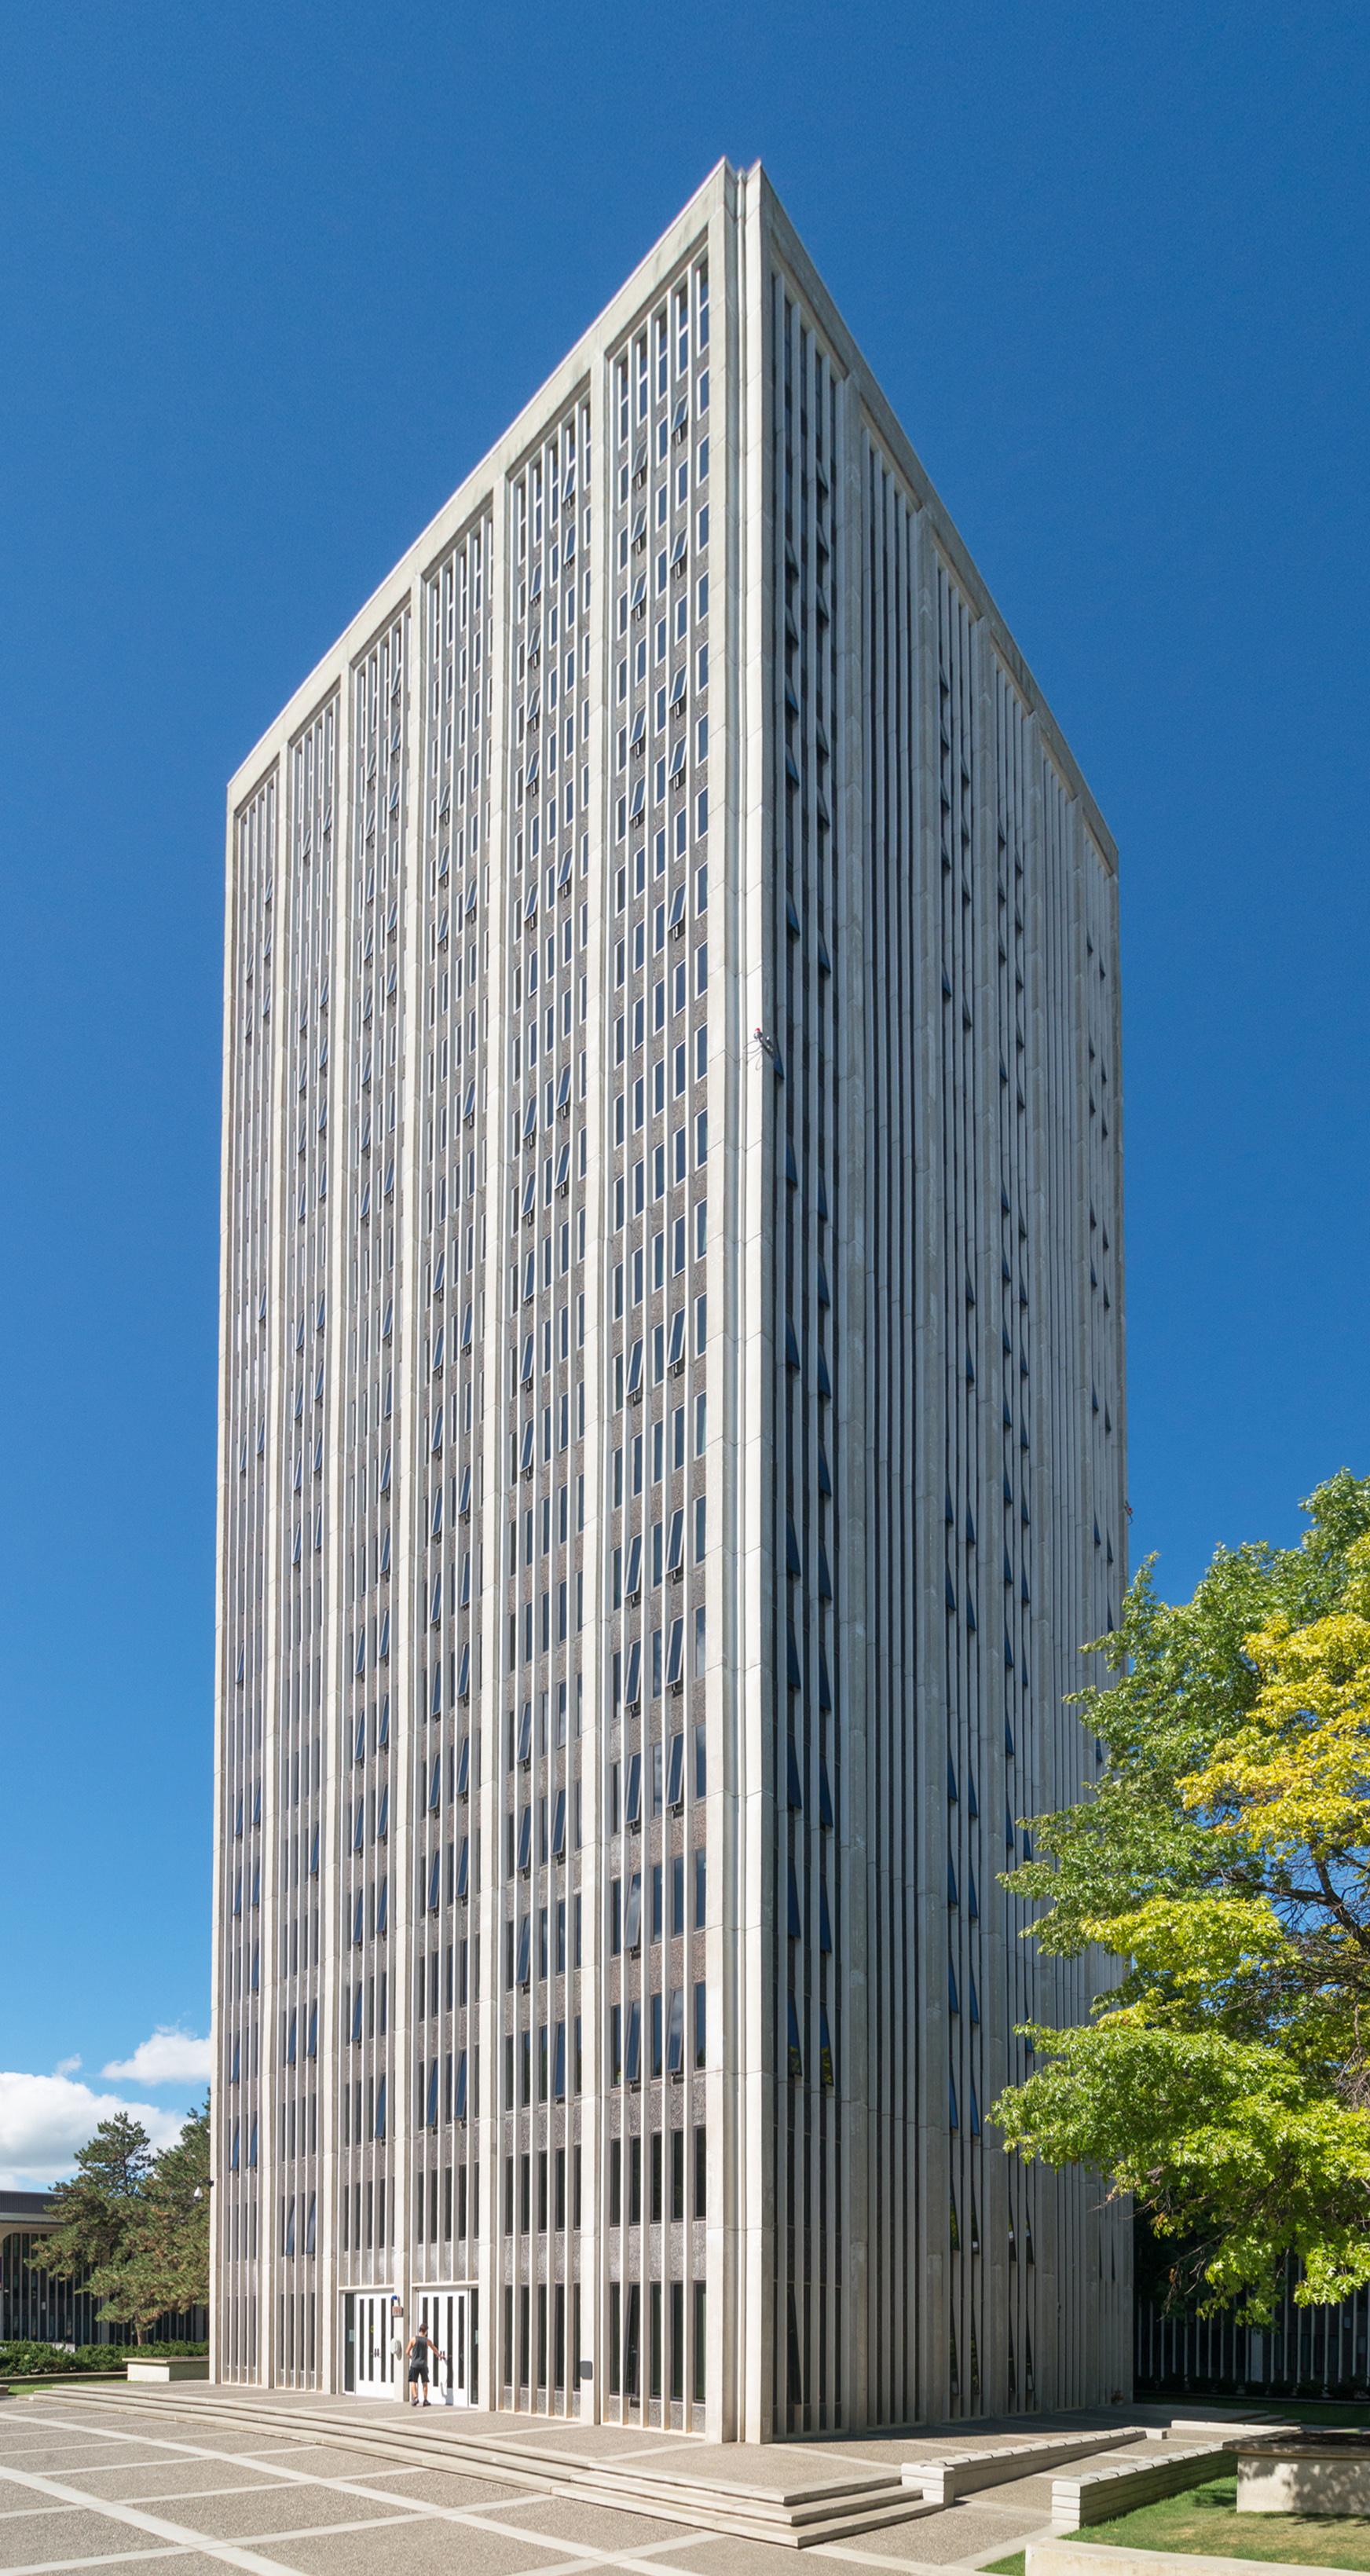 SUNY Albany Mohawk Tower